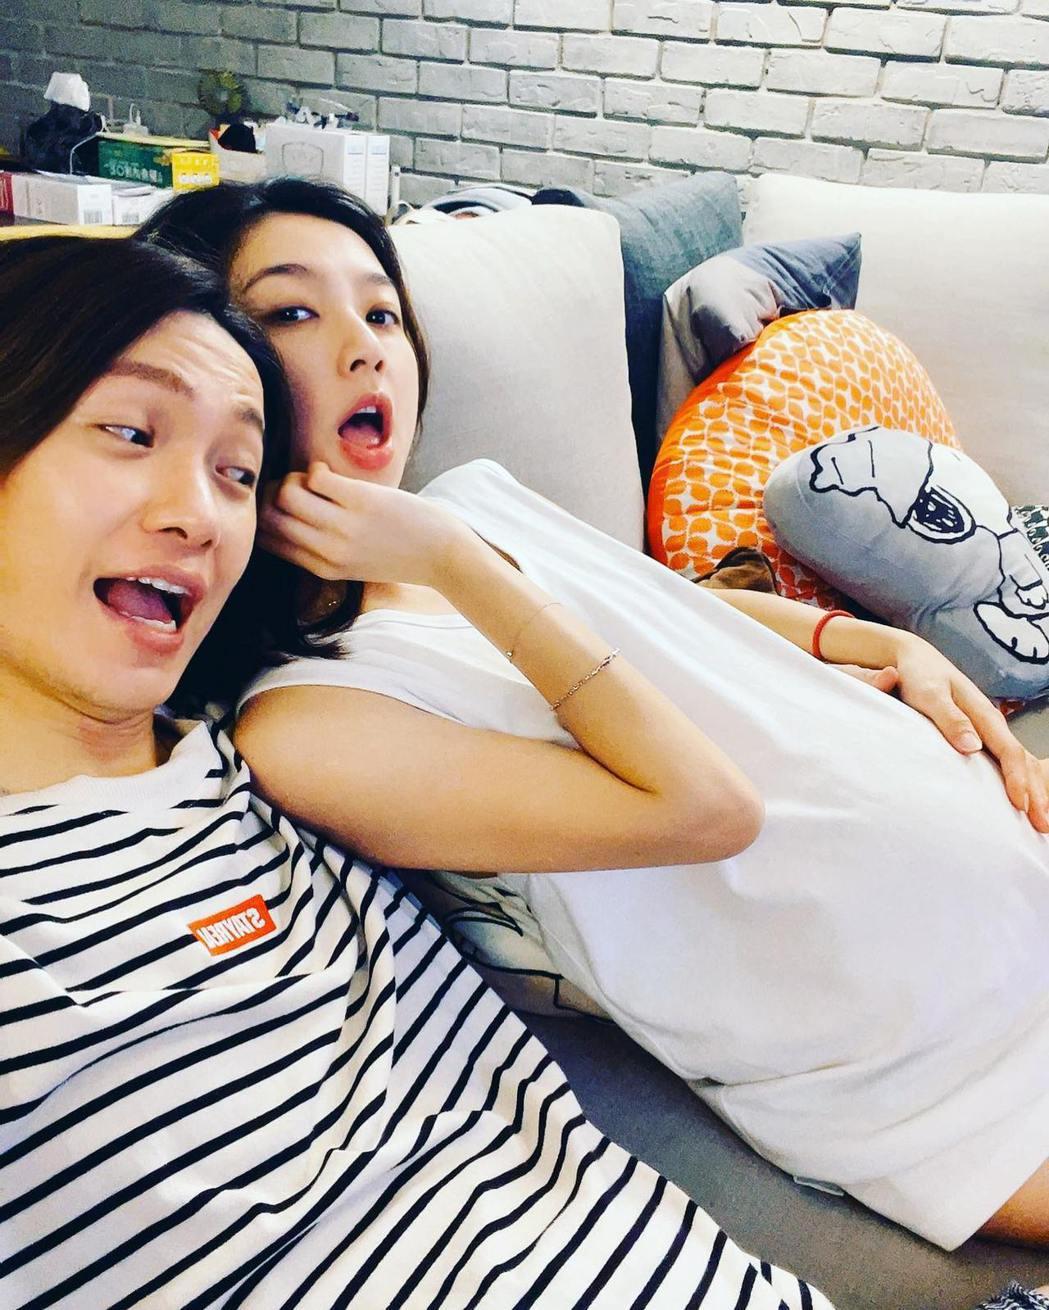 黃少谷(左)和老婆林采薇替第一胎男寶寶取小名為「黃阿夢」。圖/摘自臉書